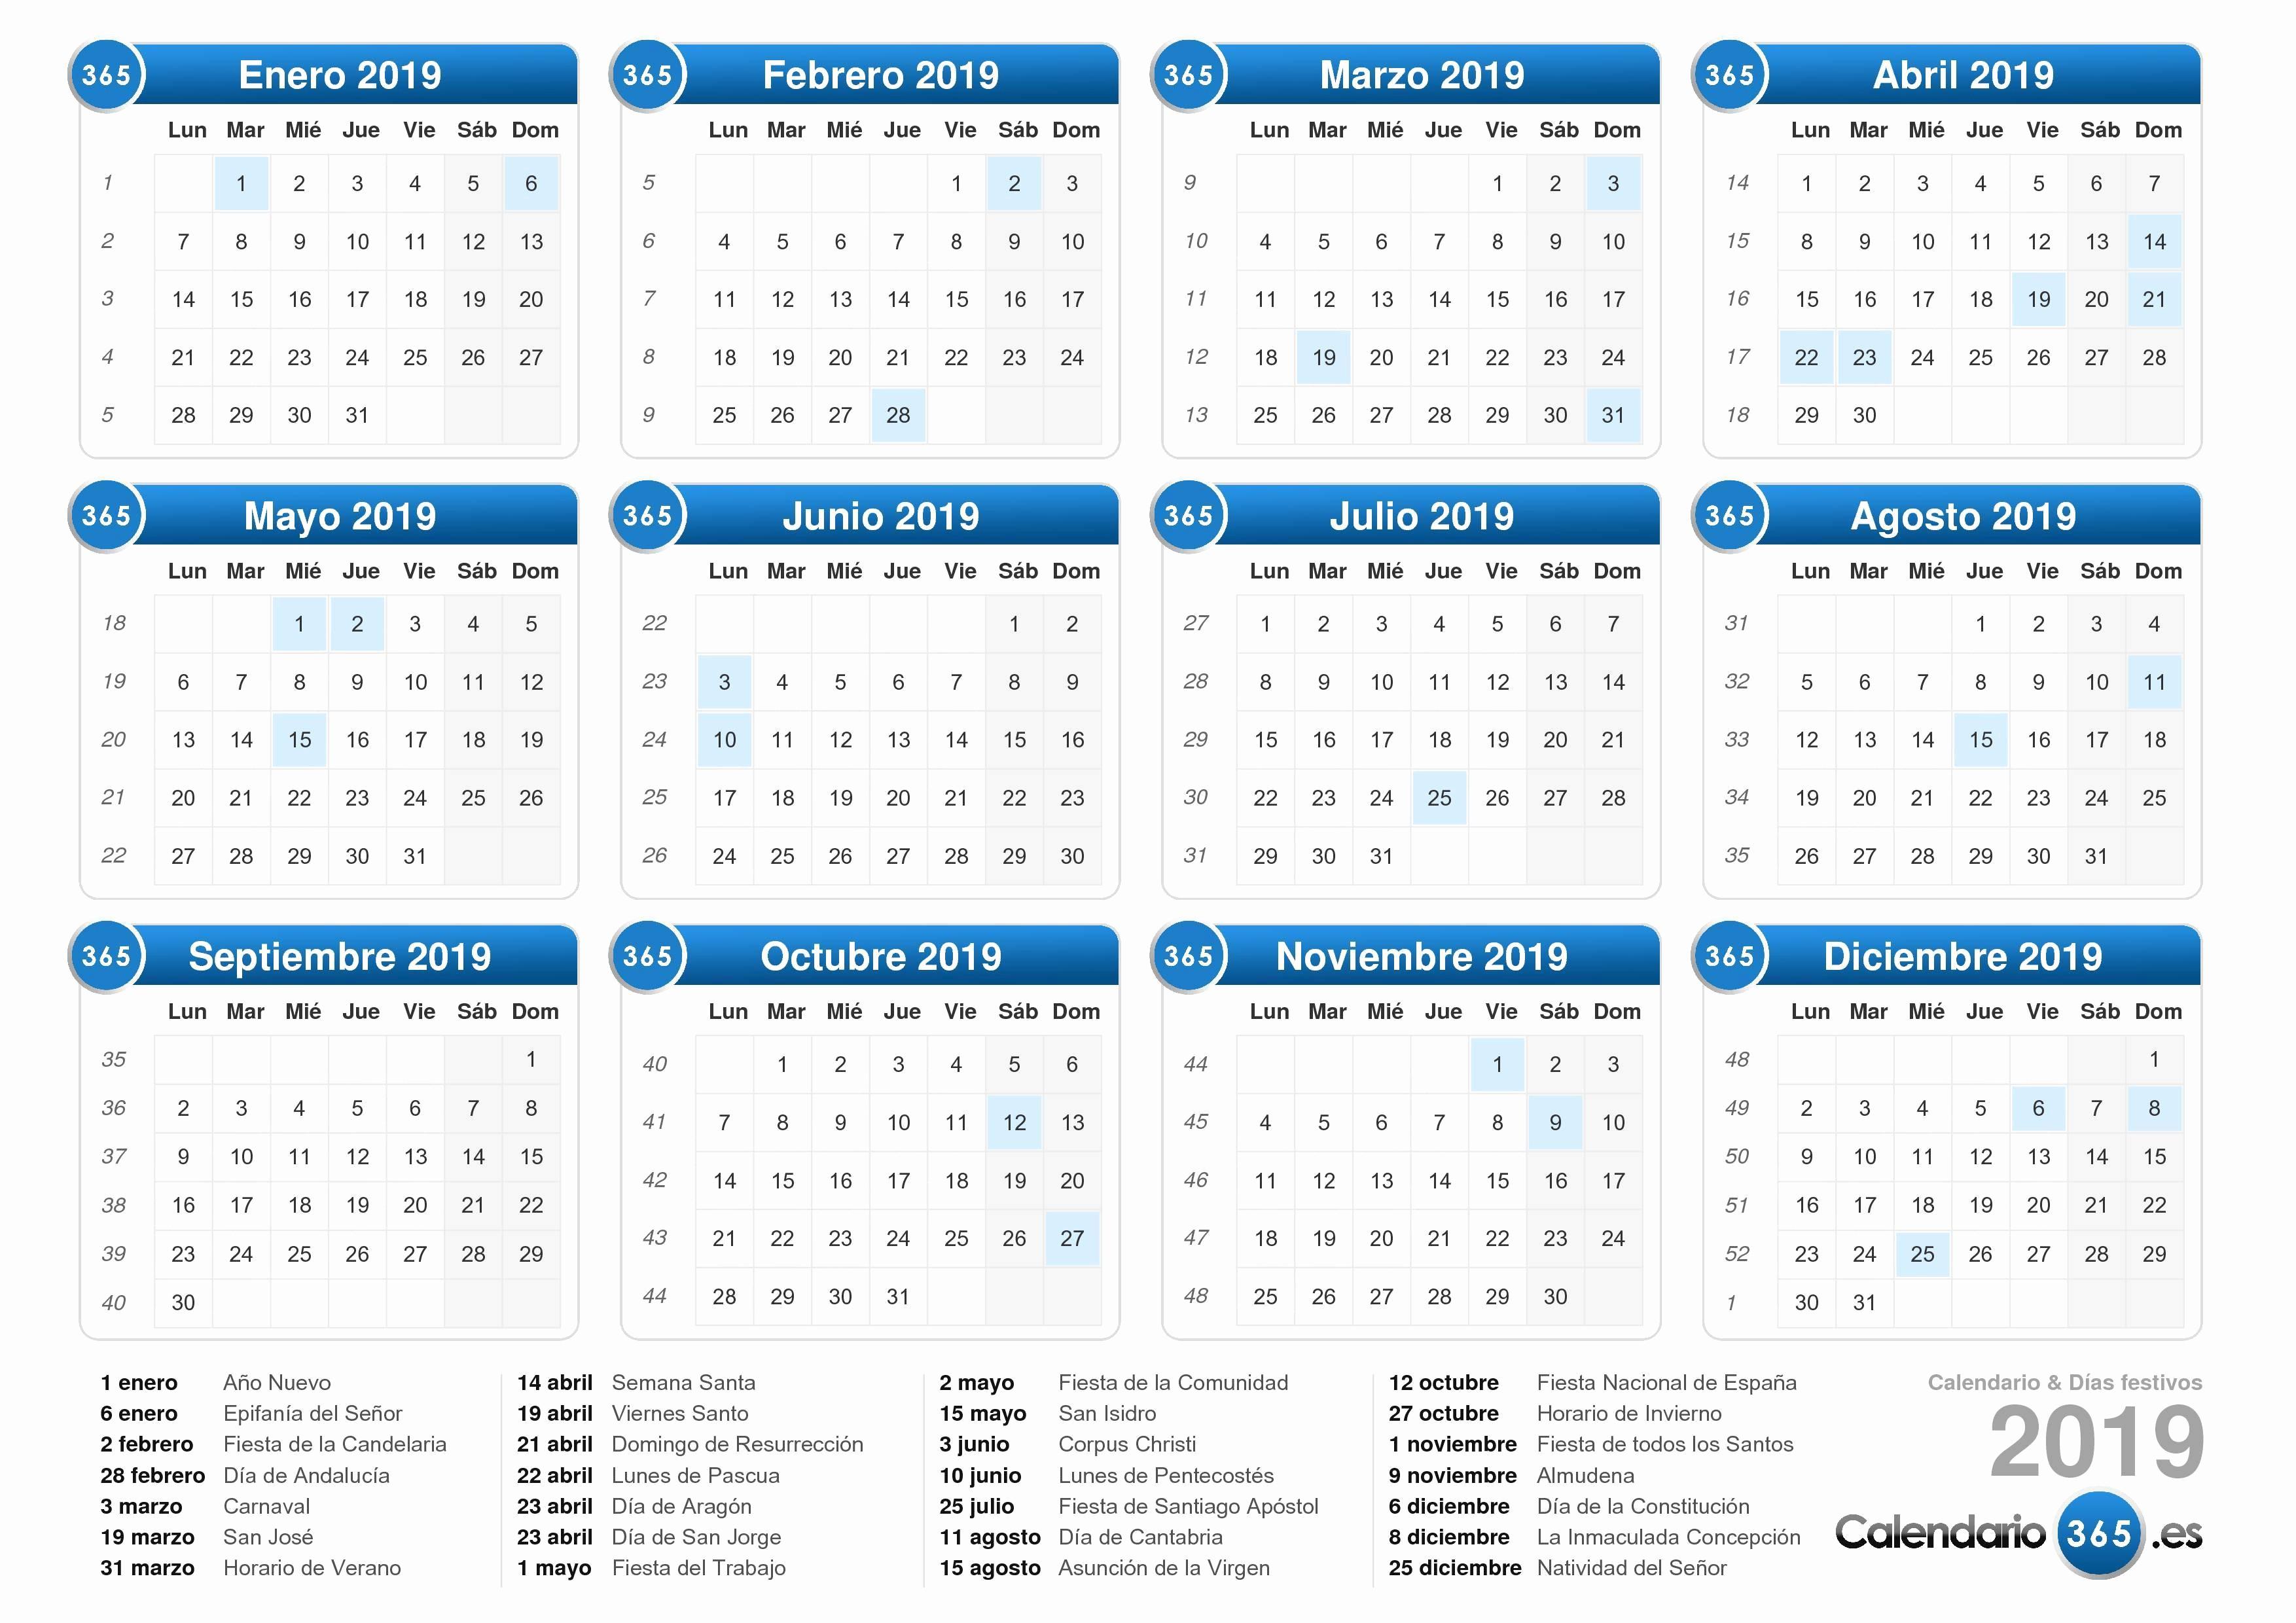 Calendario 2019 Chile Imprimir Gratis Más Recientes Beautiful 43 Dise±o 13 De Octubre De 2019